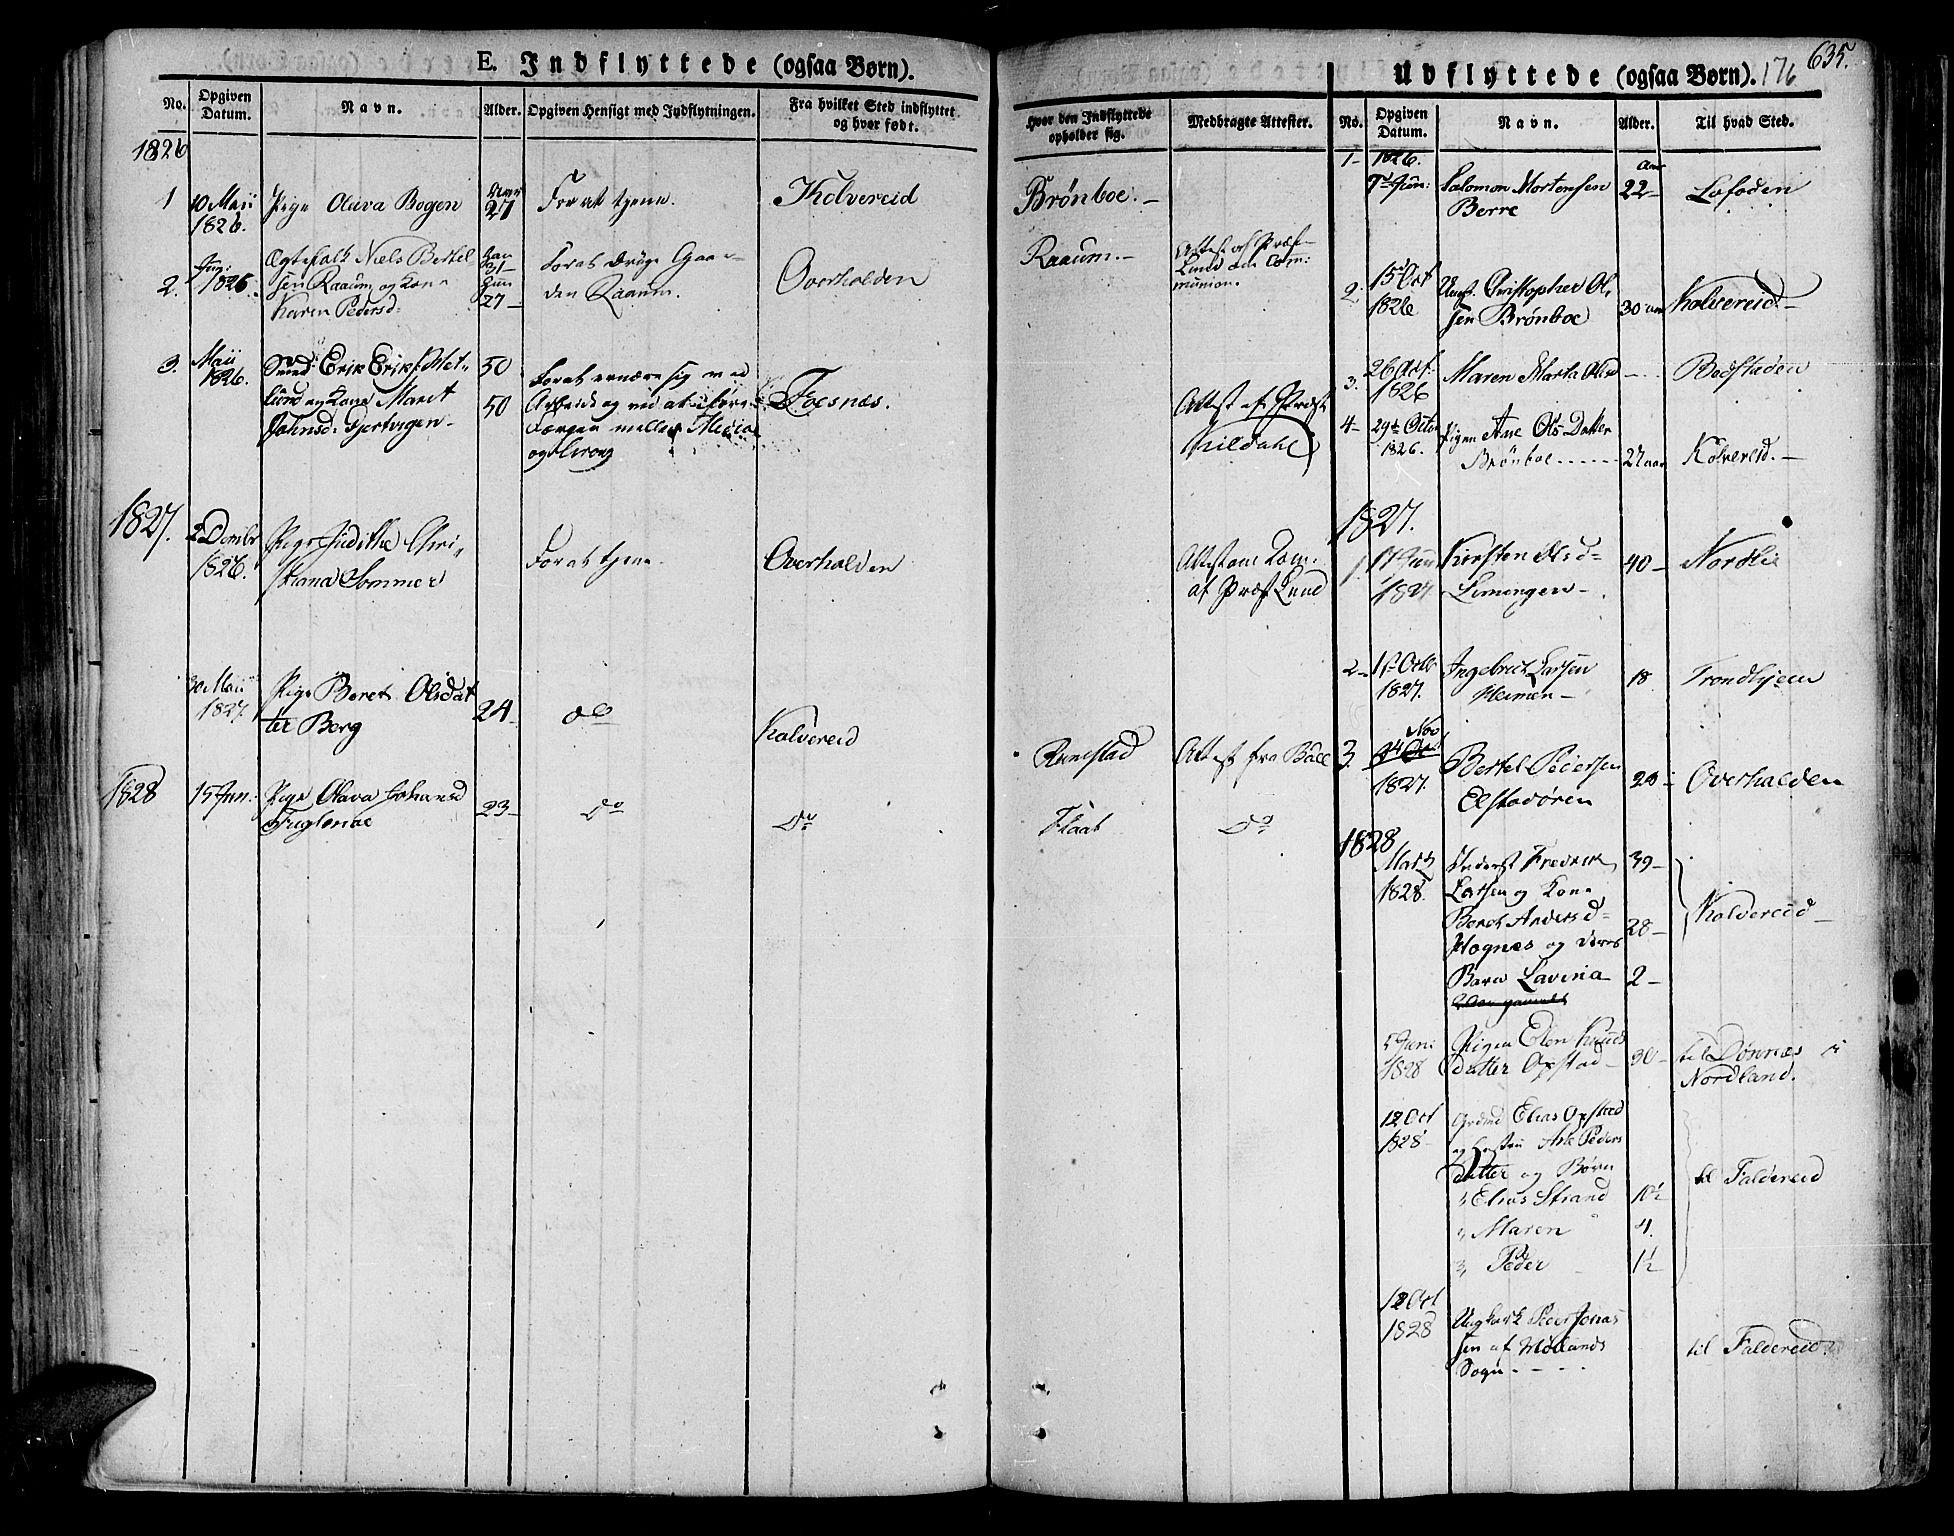 SAT, Ministerialprotokoller, klokkerbøker og fødselsregistre - Nord-Trøndelag, 758/L0510: Ministerialbok nr. 758A01 /1, 1821-1841, s. 176